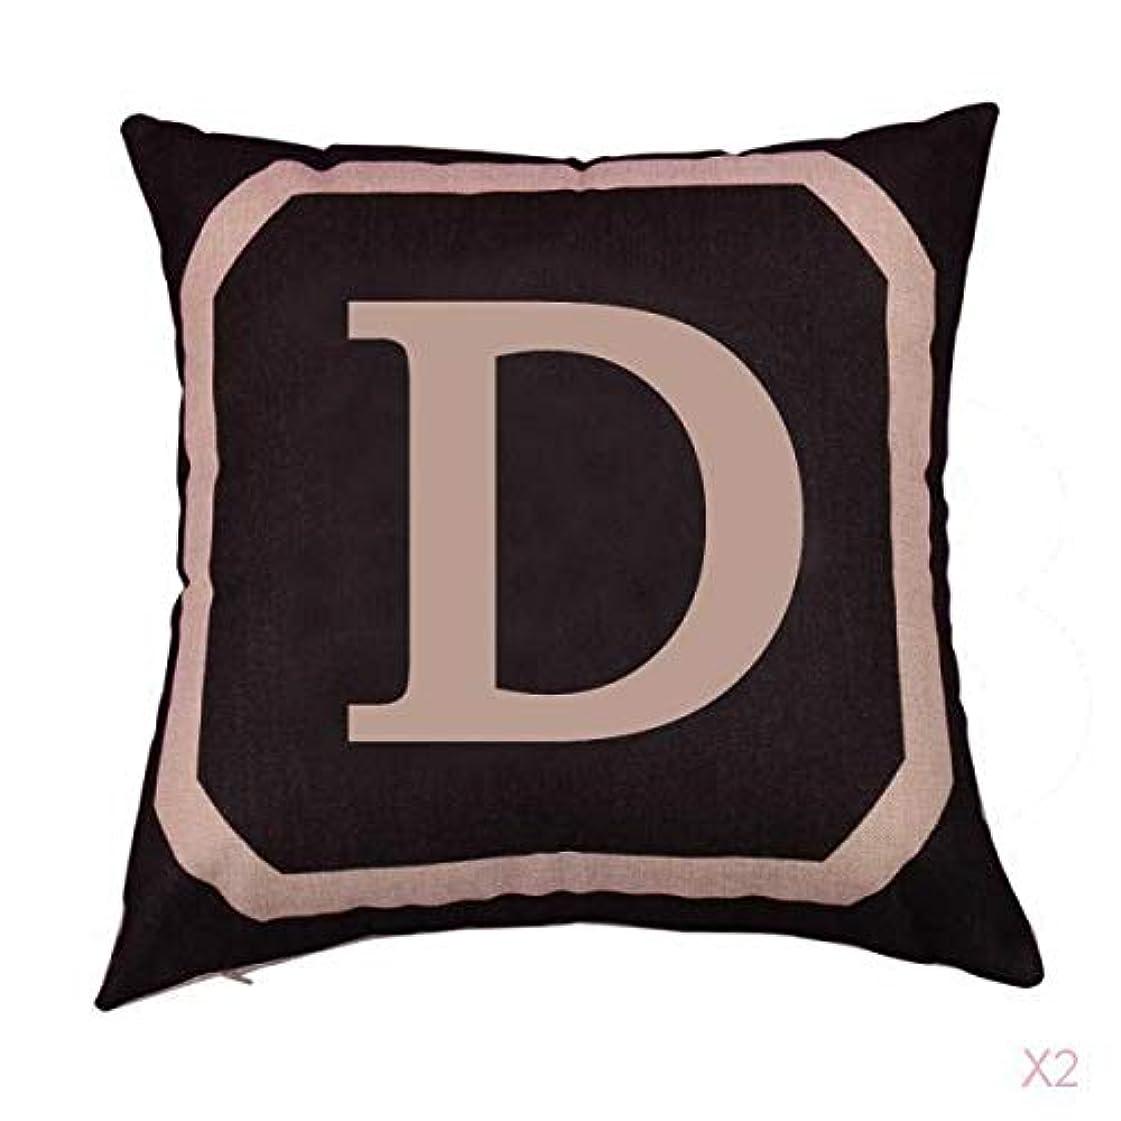 オッズ放つ影正方形の綿のリネンスローピローケース腰クッションカバーベッドソファ装飾さd